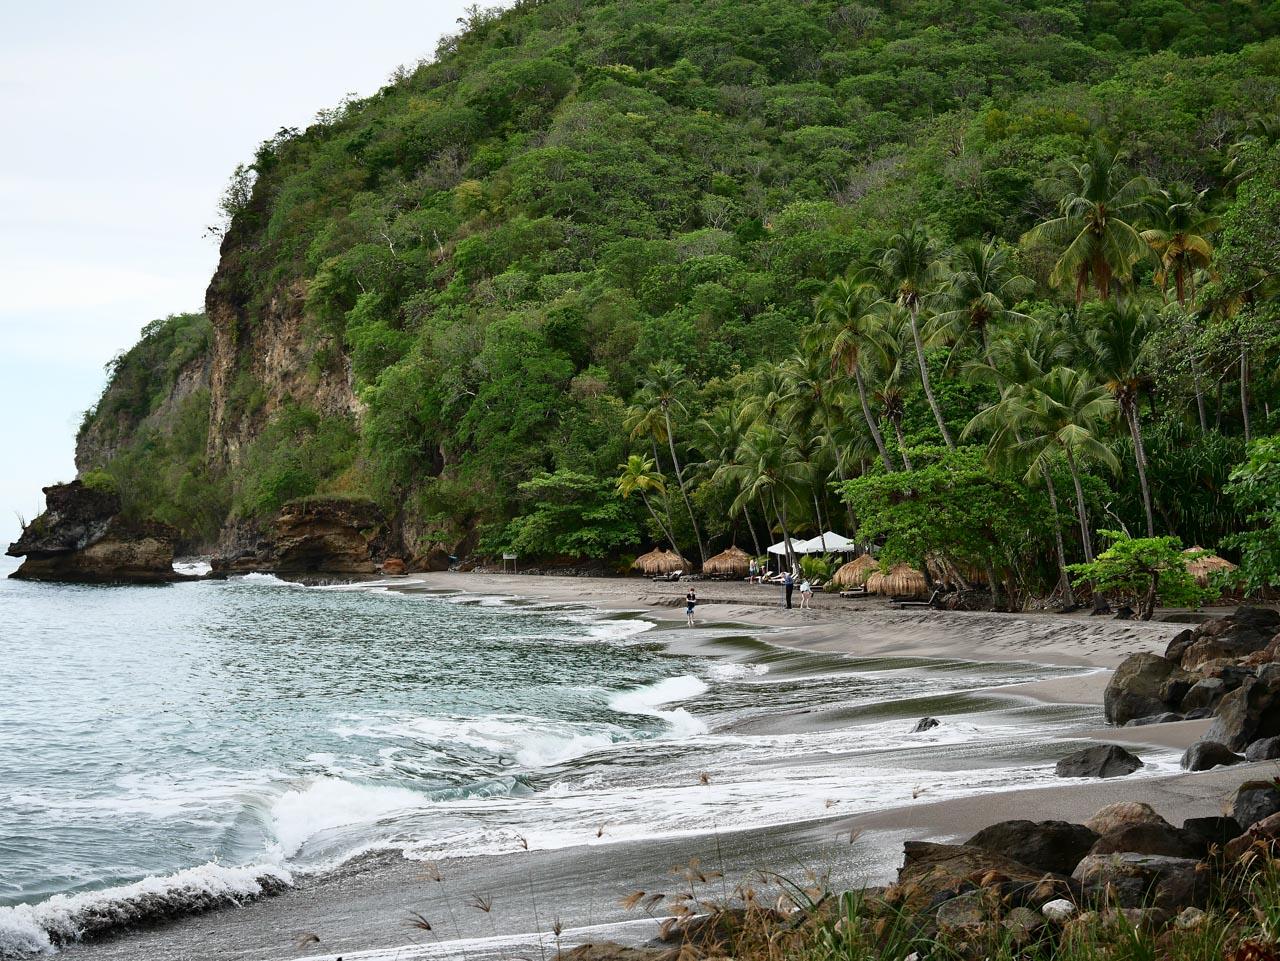 Les plages sauvages de Sainte-Lucie